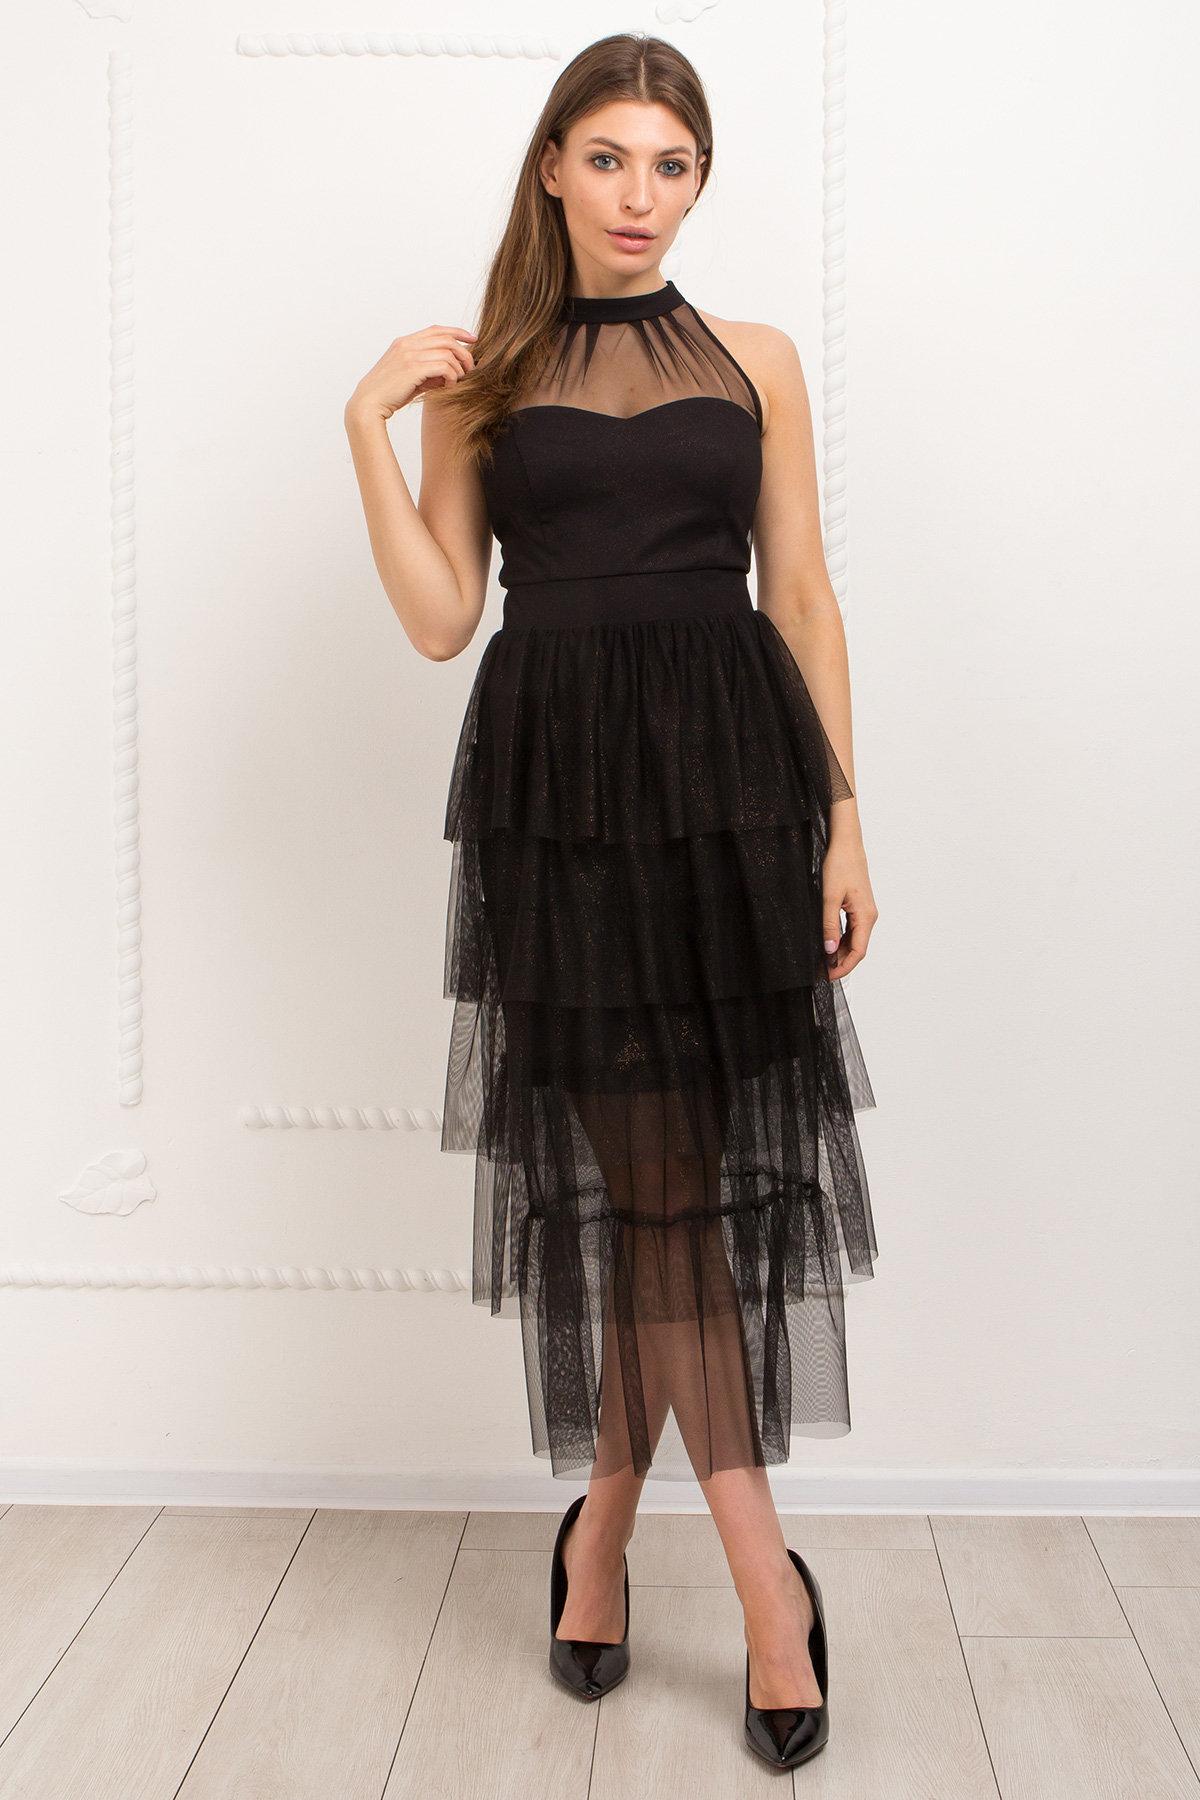 Платье Романа 9016 АРТ. 45344 Цвет: Черный/золото - фото 2, интернет магазин tm-modus.ru